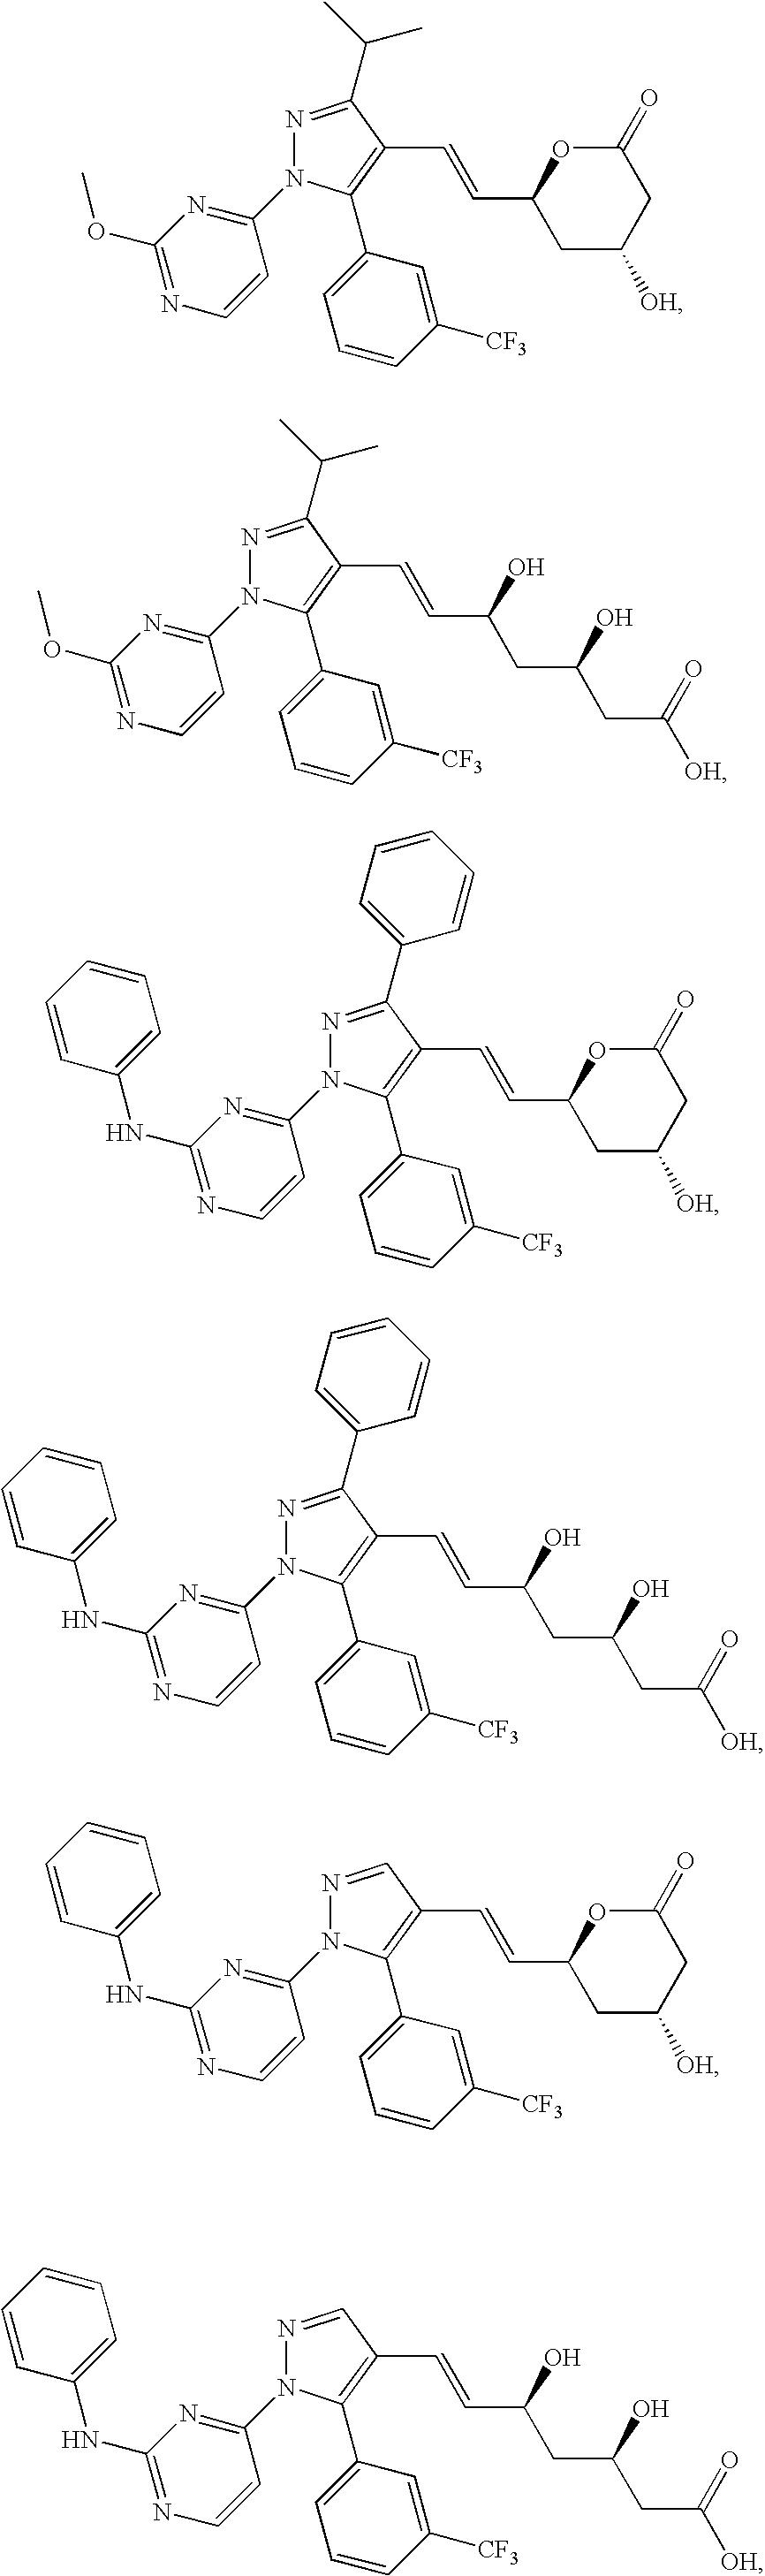 Figure US20050261354A1-20051124-C00089